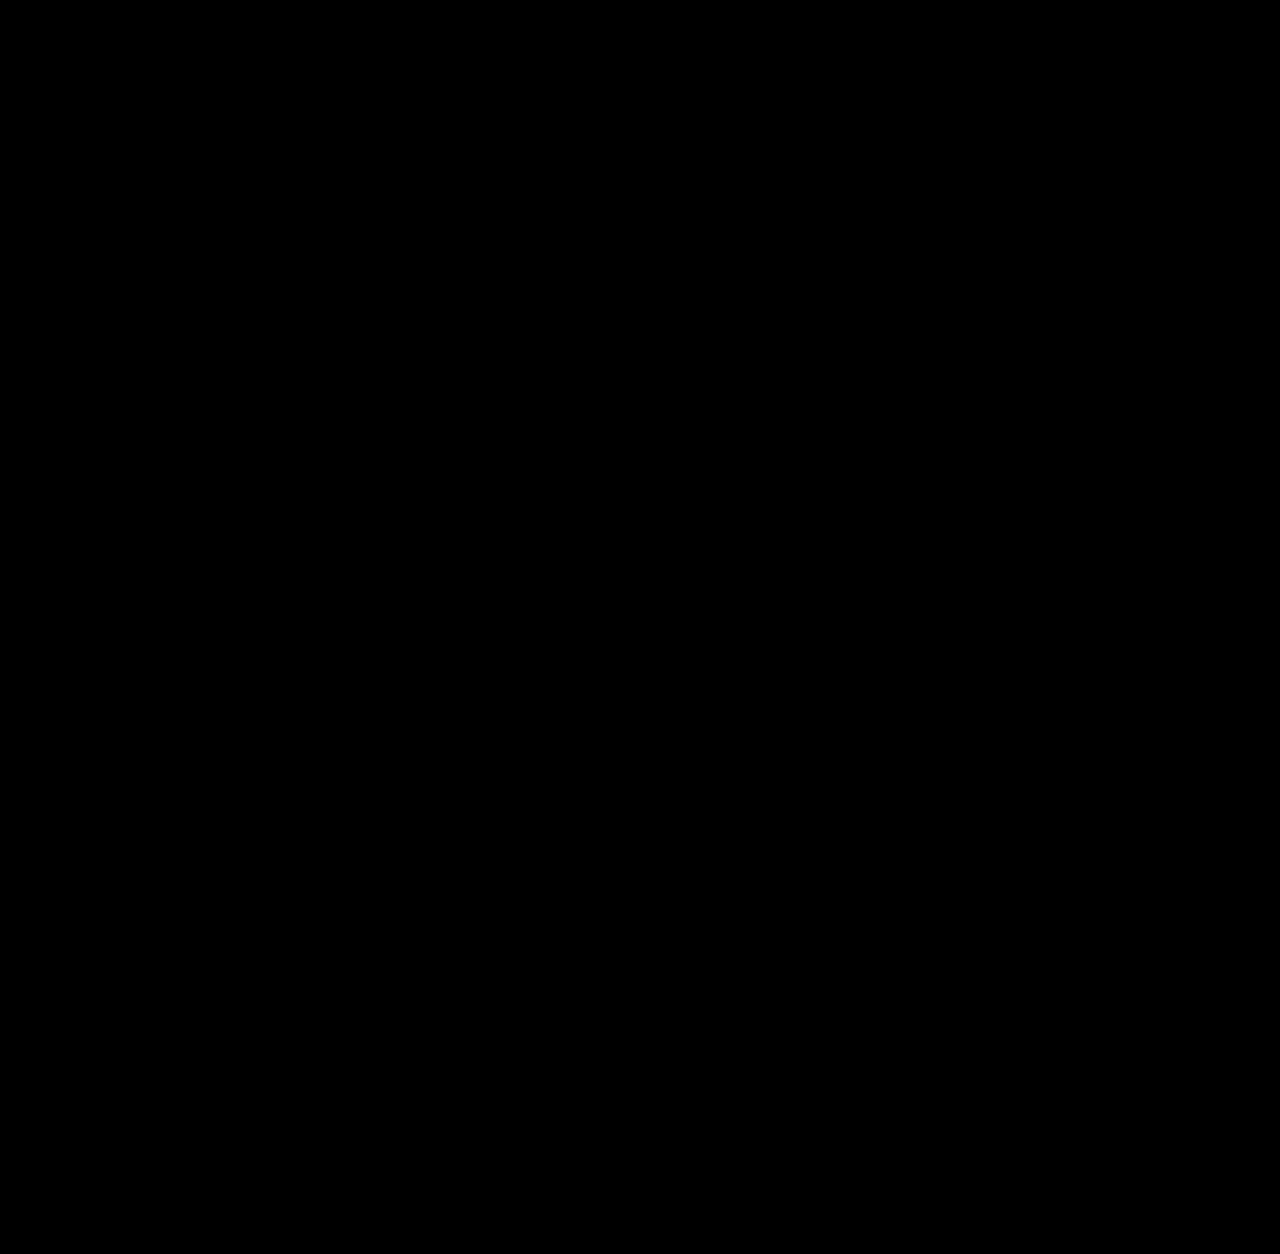 Circle PNG - 25480